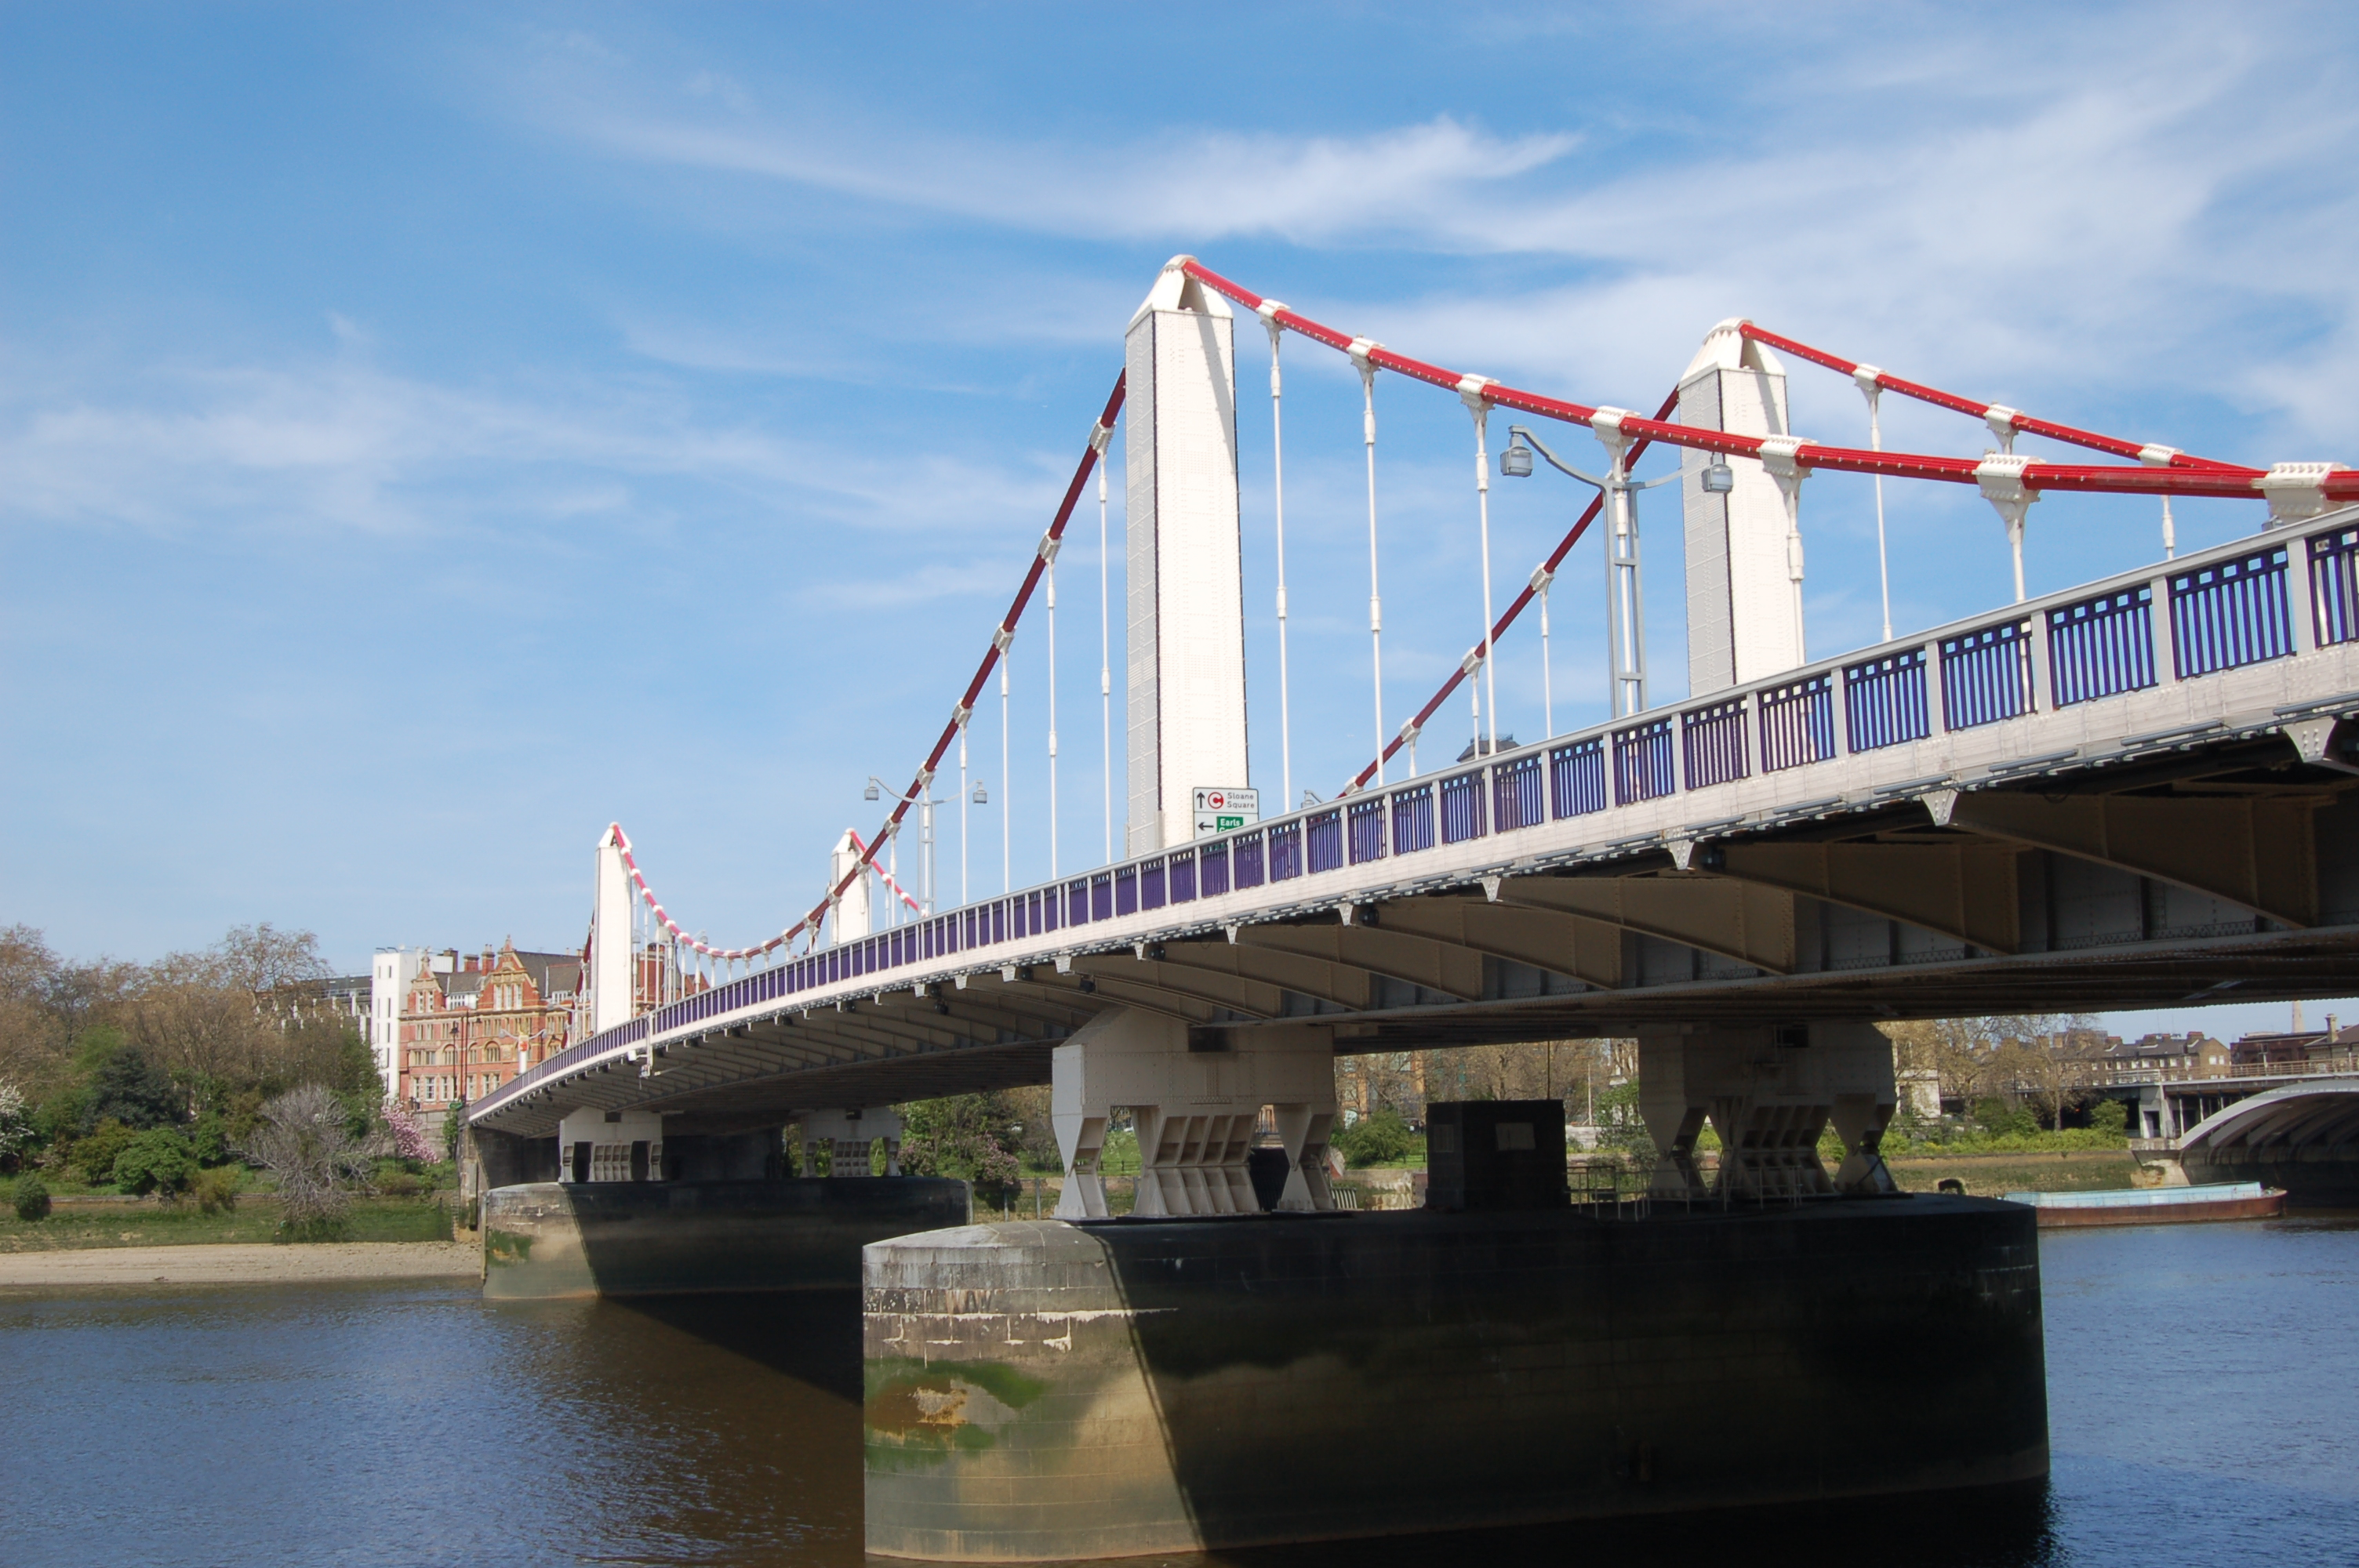 Chelsea_Bridge%2C_London.jpg